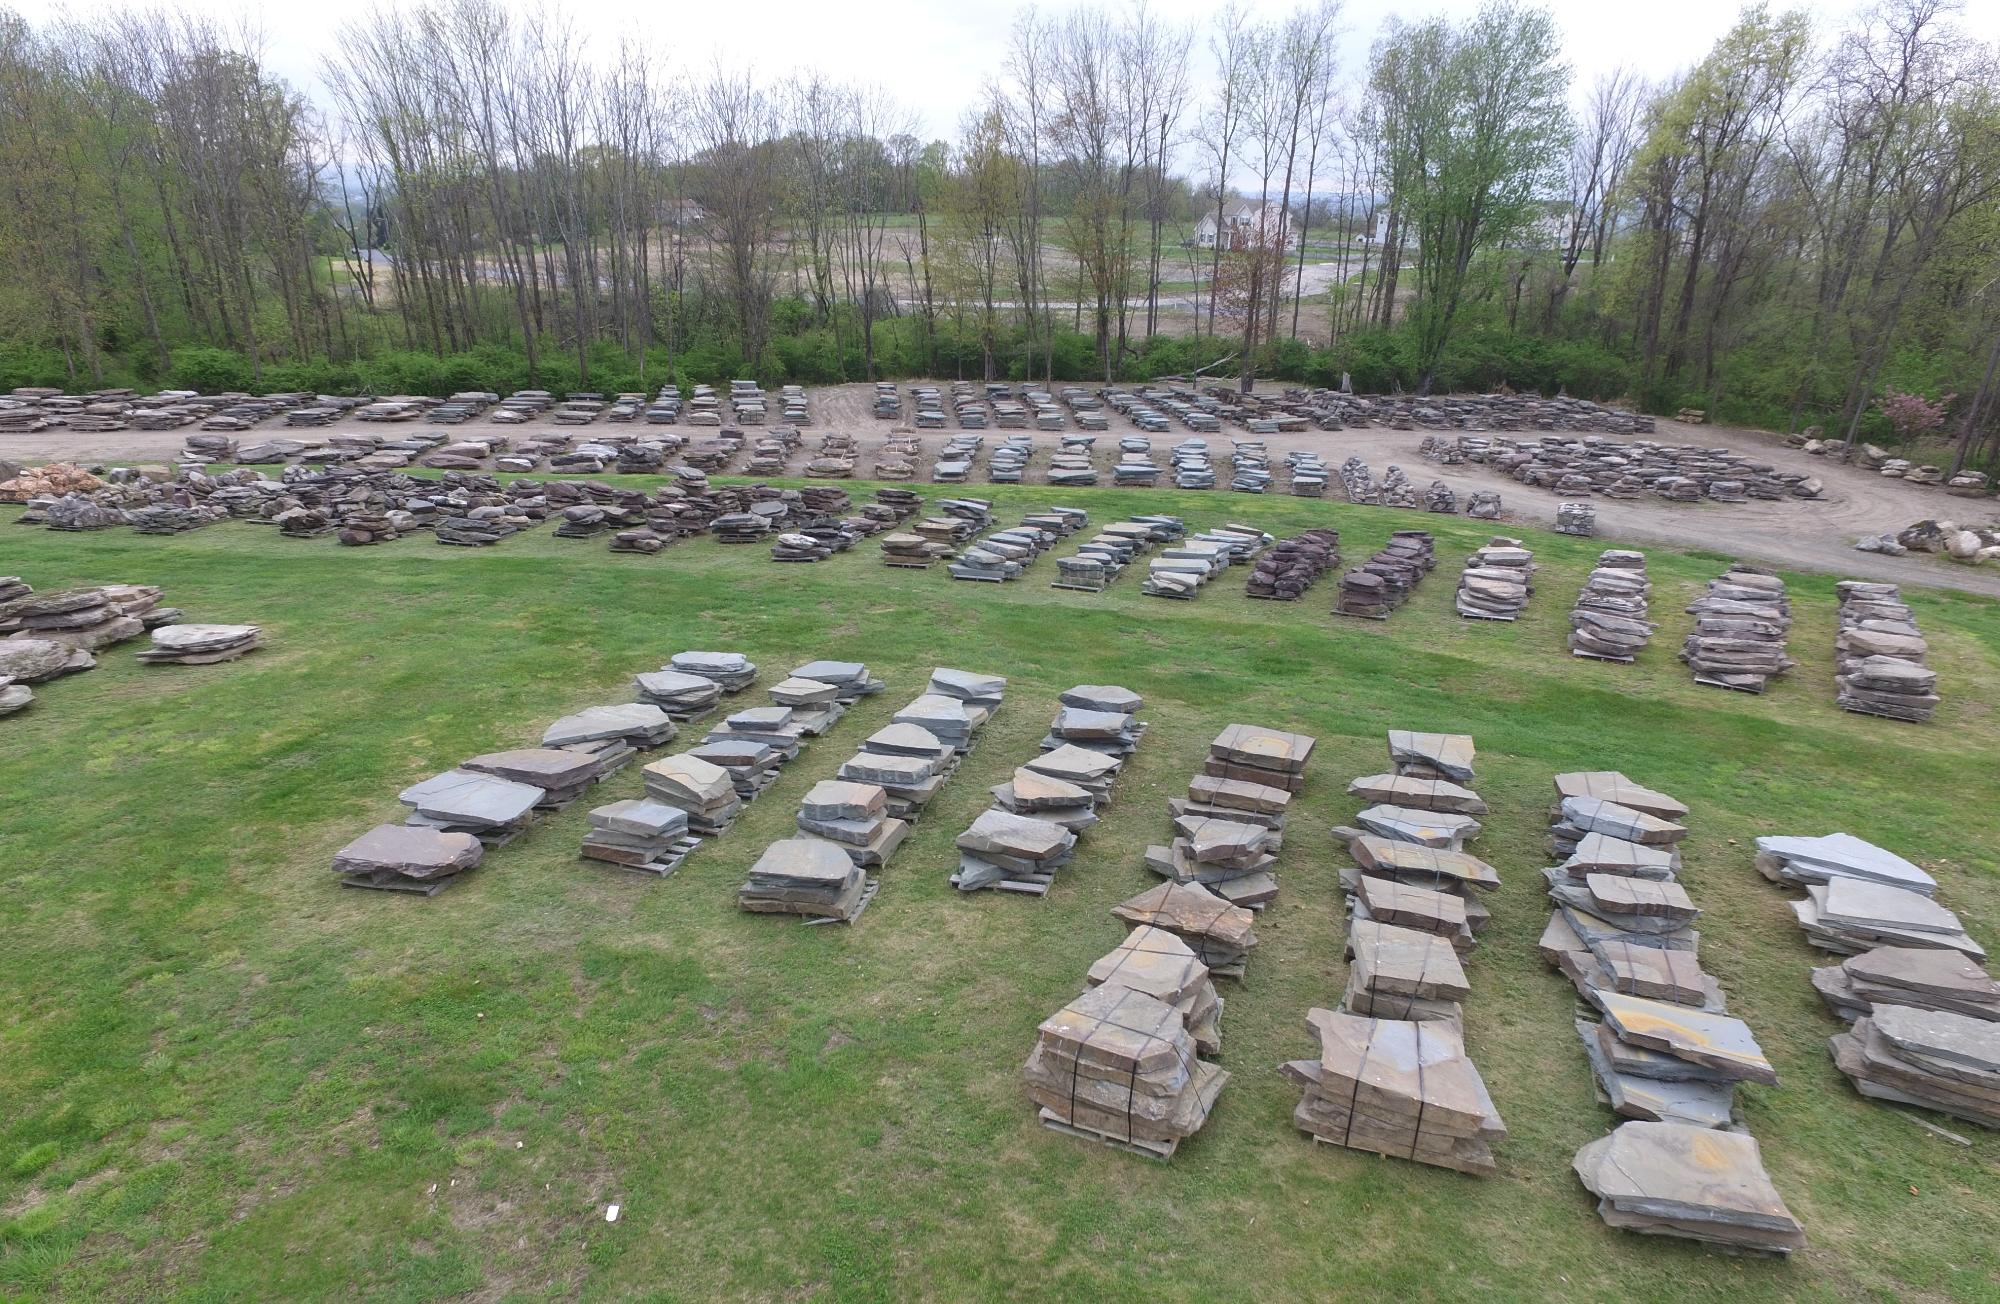 High quality stone supply company in Sullivan County, NY